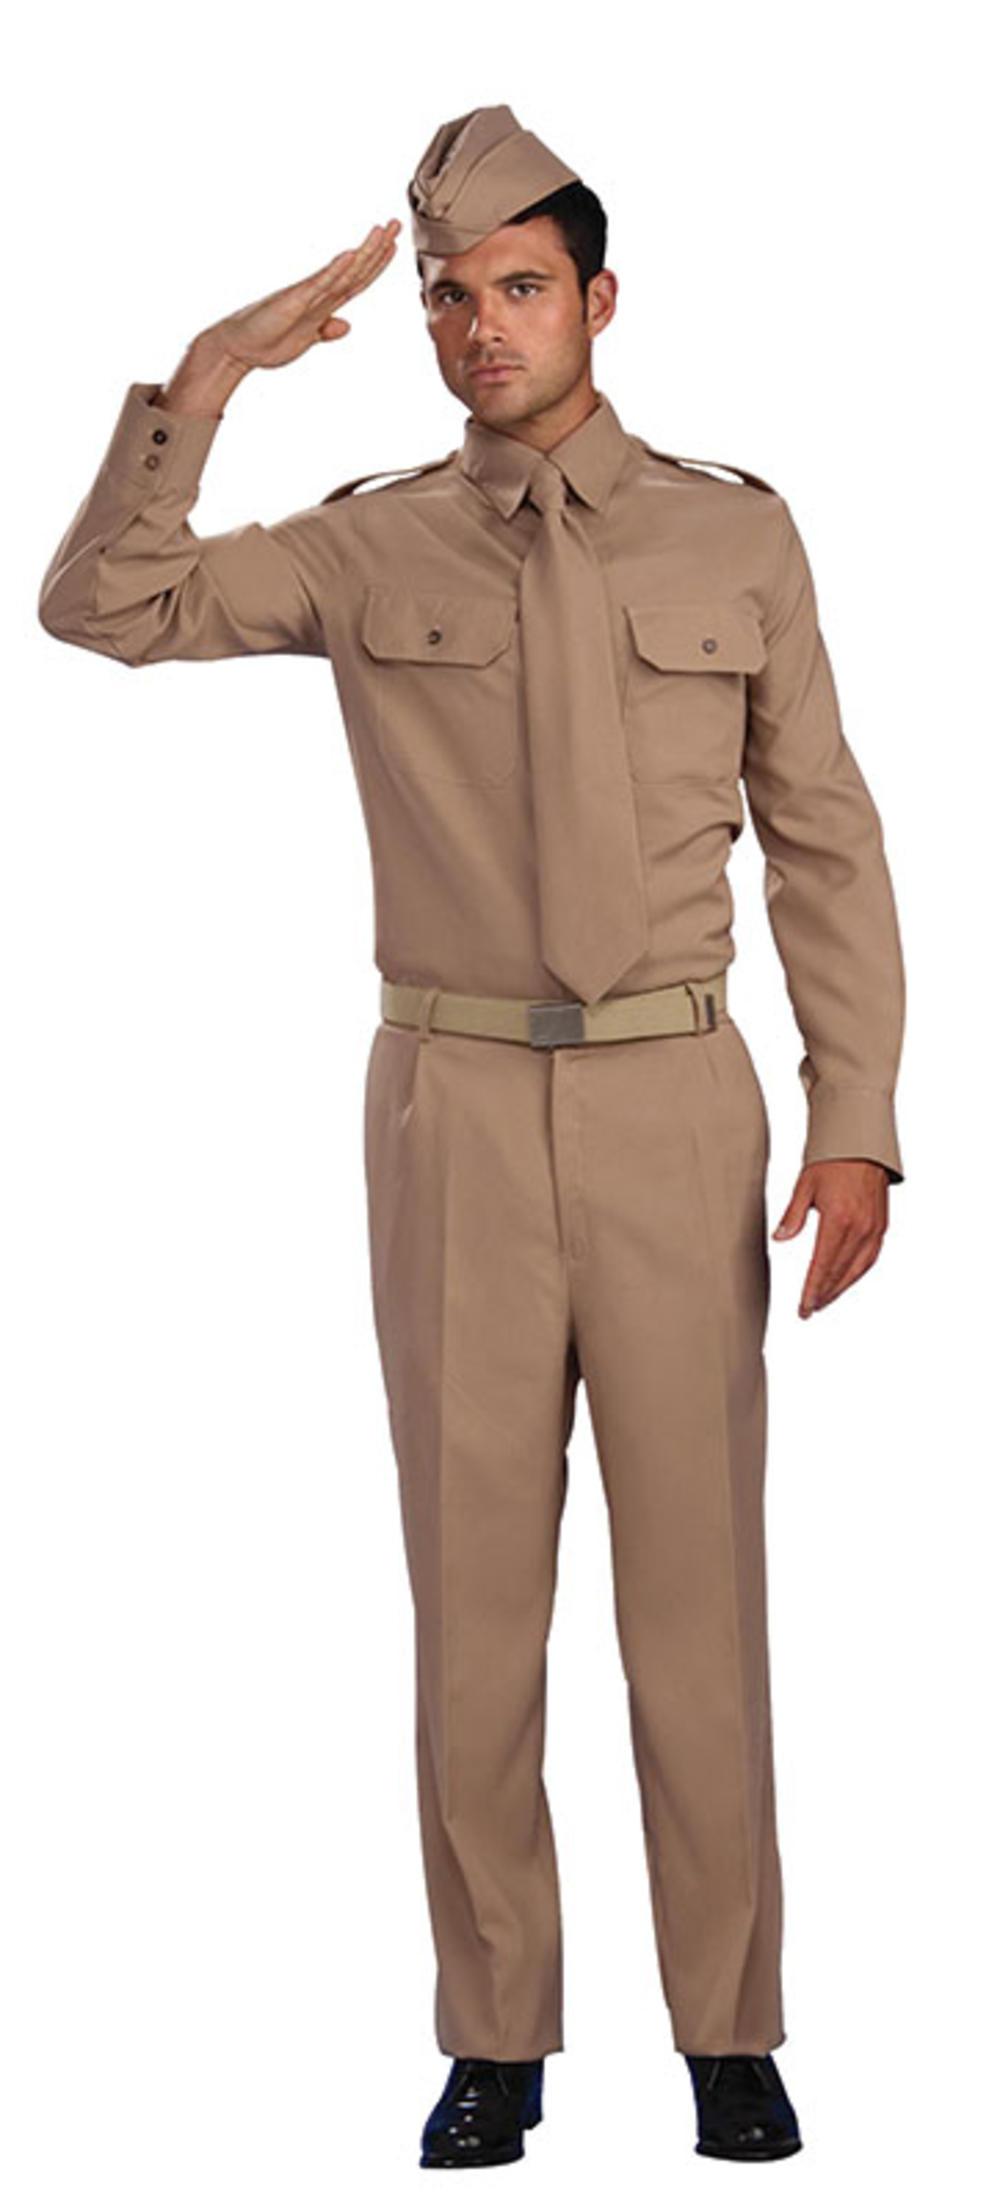 WW2 Private Solider Costume